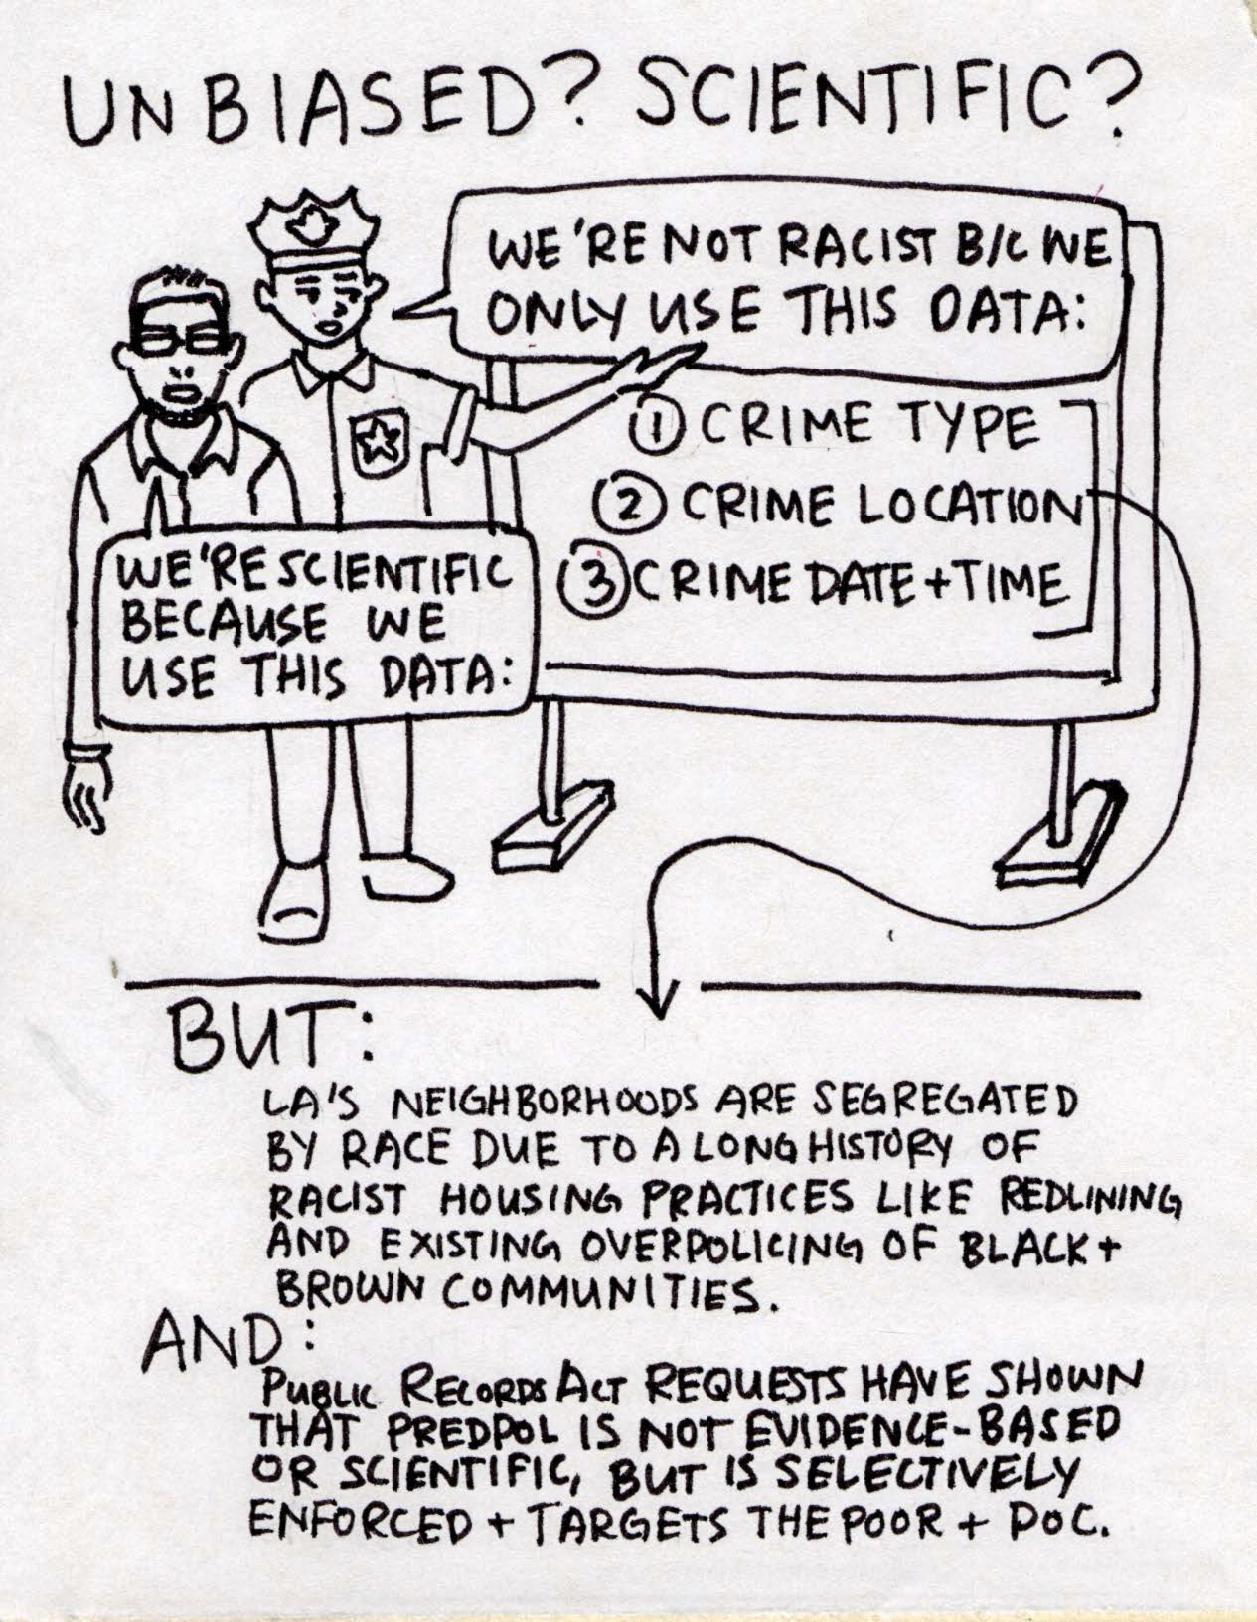 PredPol is LAPD's Racist Predictive Policing Program